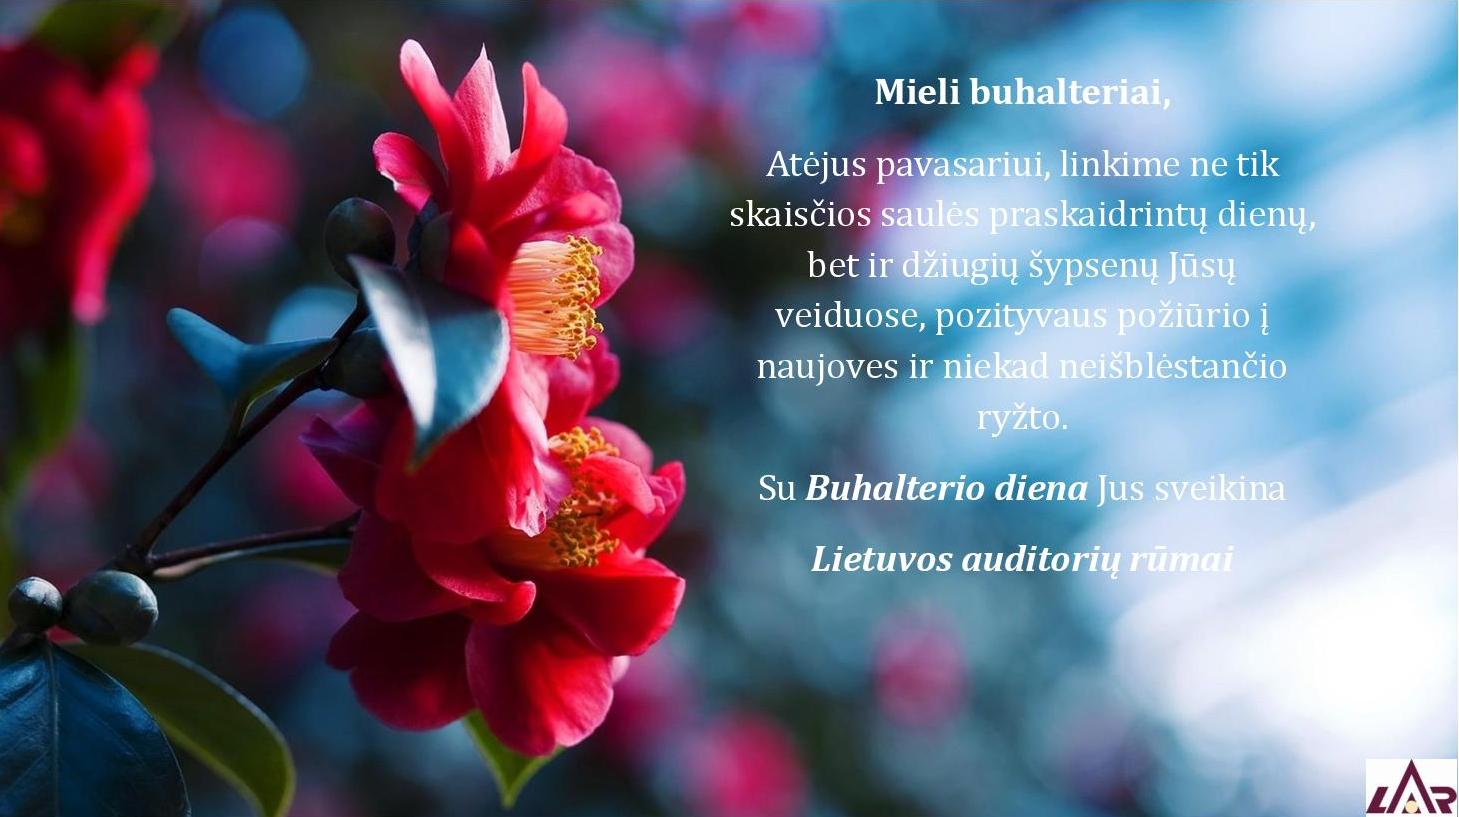 sveikinimas_buhalterio_diena_2016.png